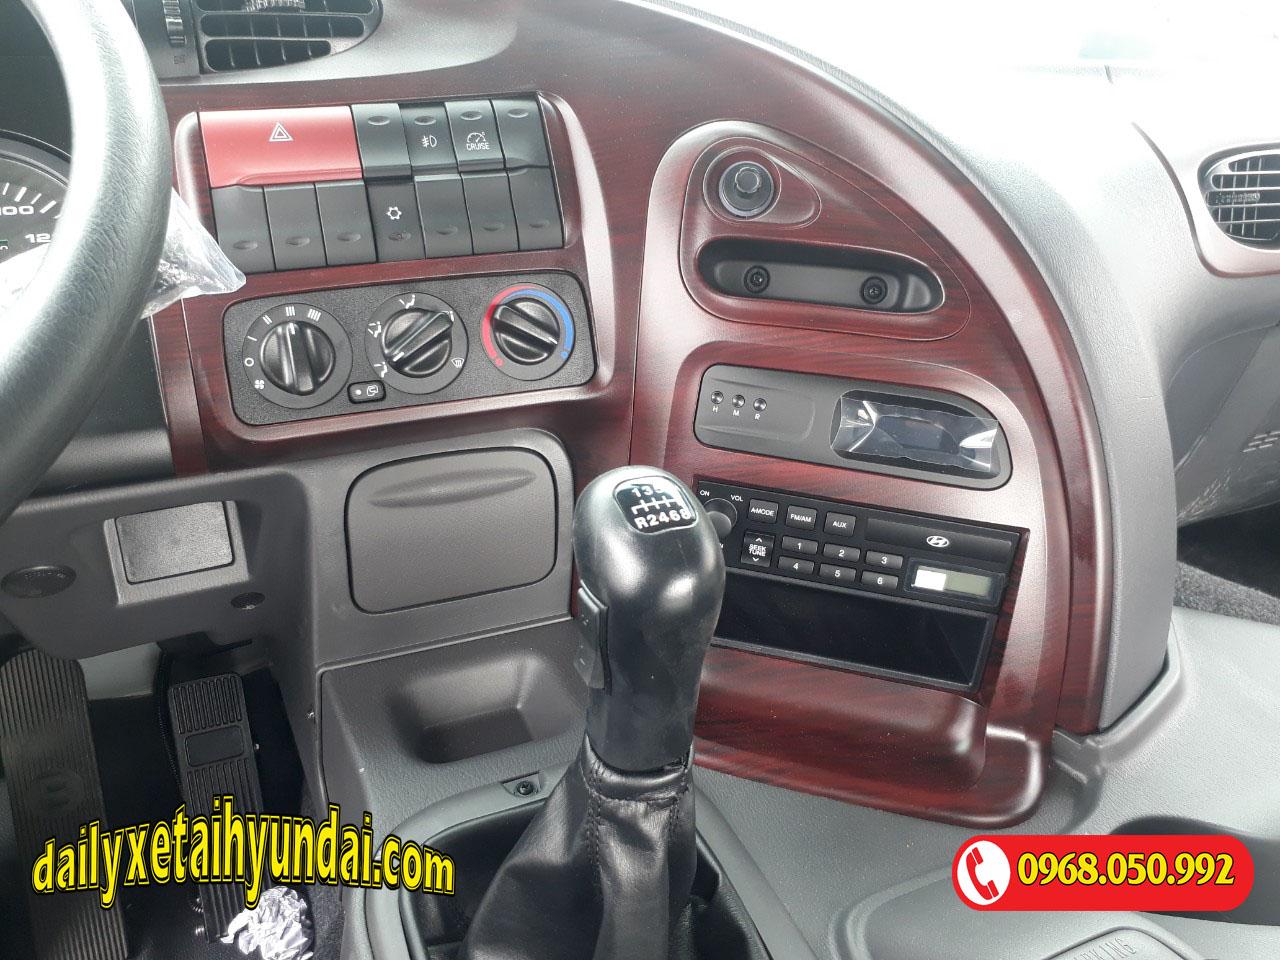 Bảng điều khiển đầu kéo Hyundai HD1000